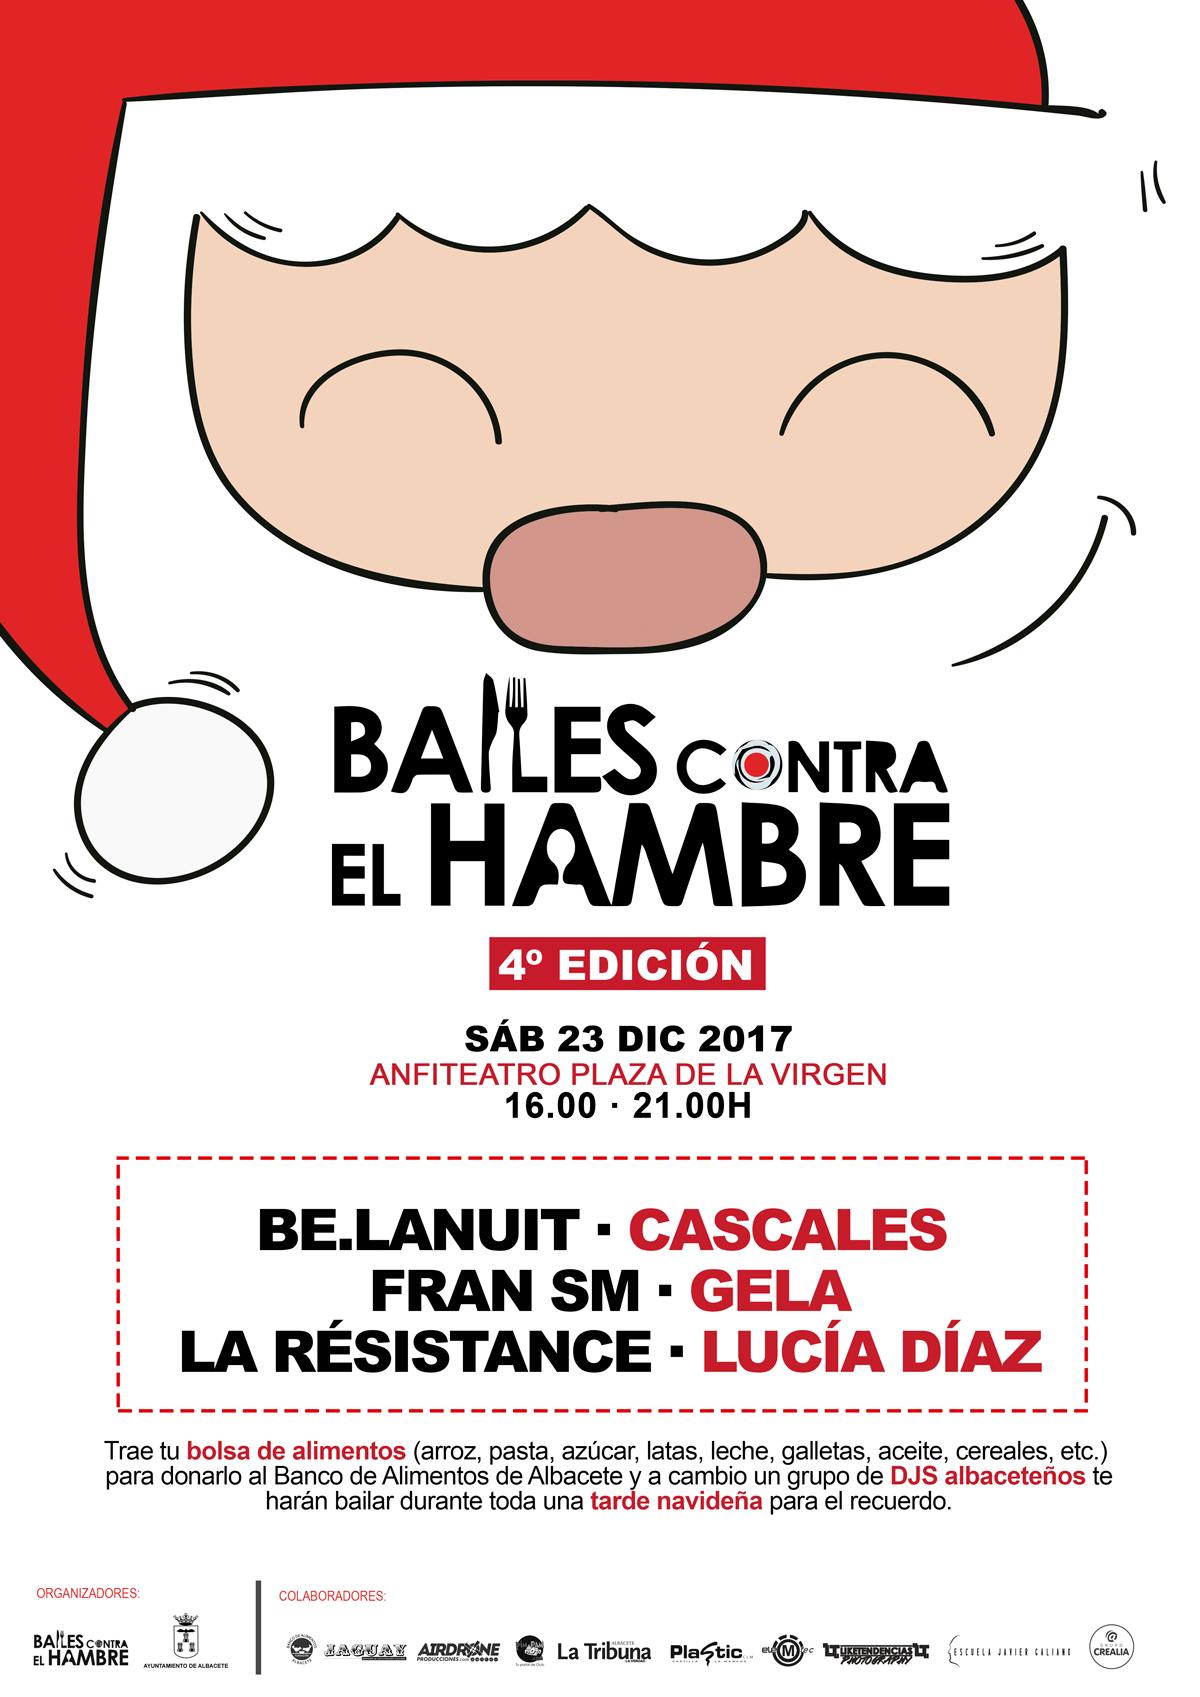 Cuarta edición de 'Bailes contra el Hambre' con Lucía Díaz, Cascales, Be.lanuit, La Resistance, Gela y Fran SM CARTEL 4   BAILES CONTRA EL HAMBRE OFICIAL